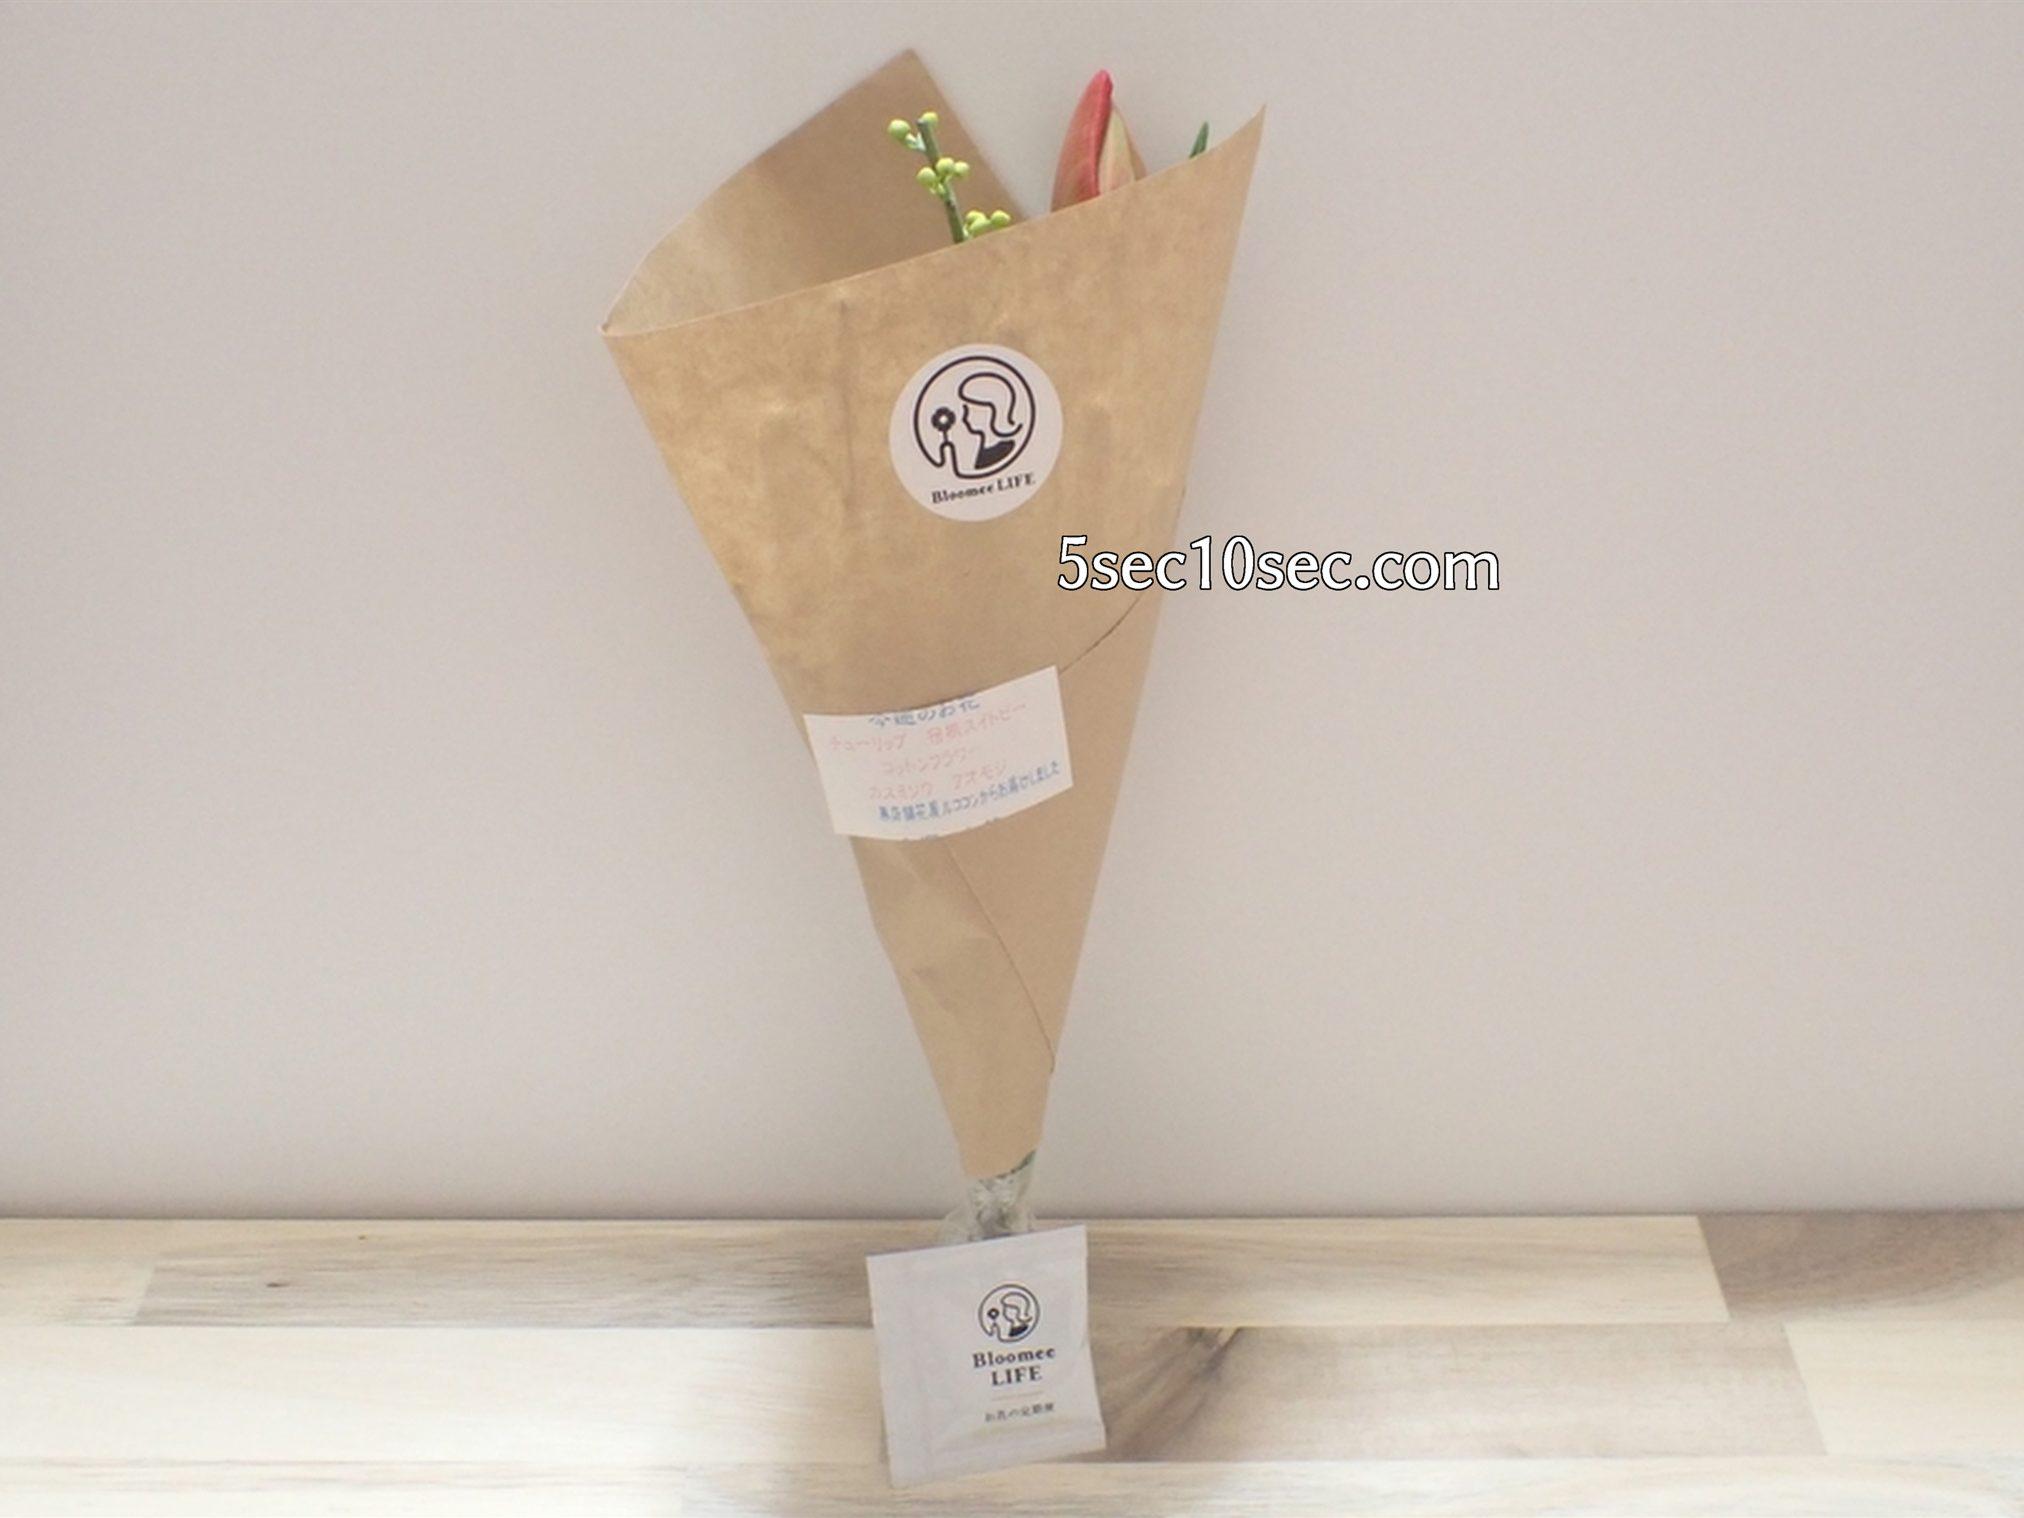 株式会社Crunch Style お花の定期便 Bloomee LIFE ブルーミーライフ 花束がお花の栄養剤と一緒に届きます